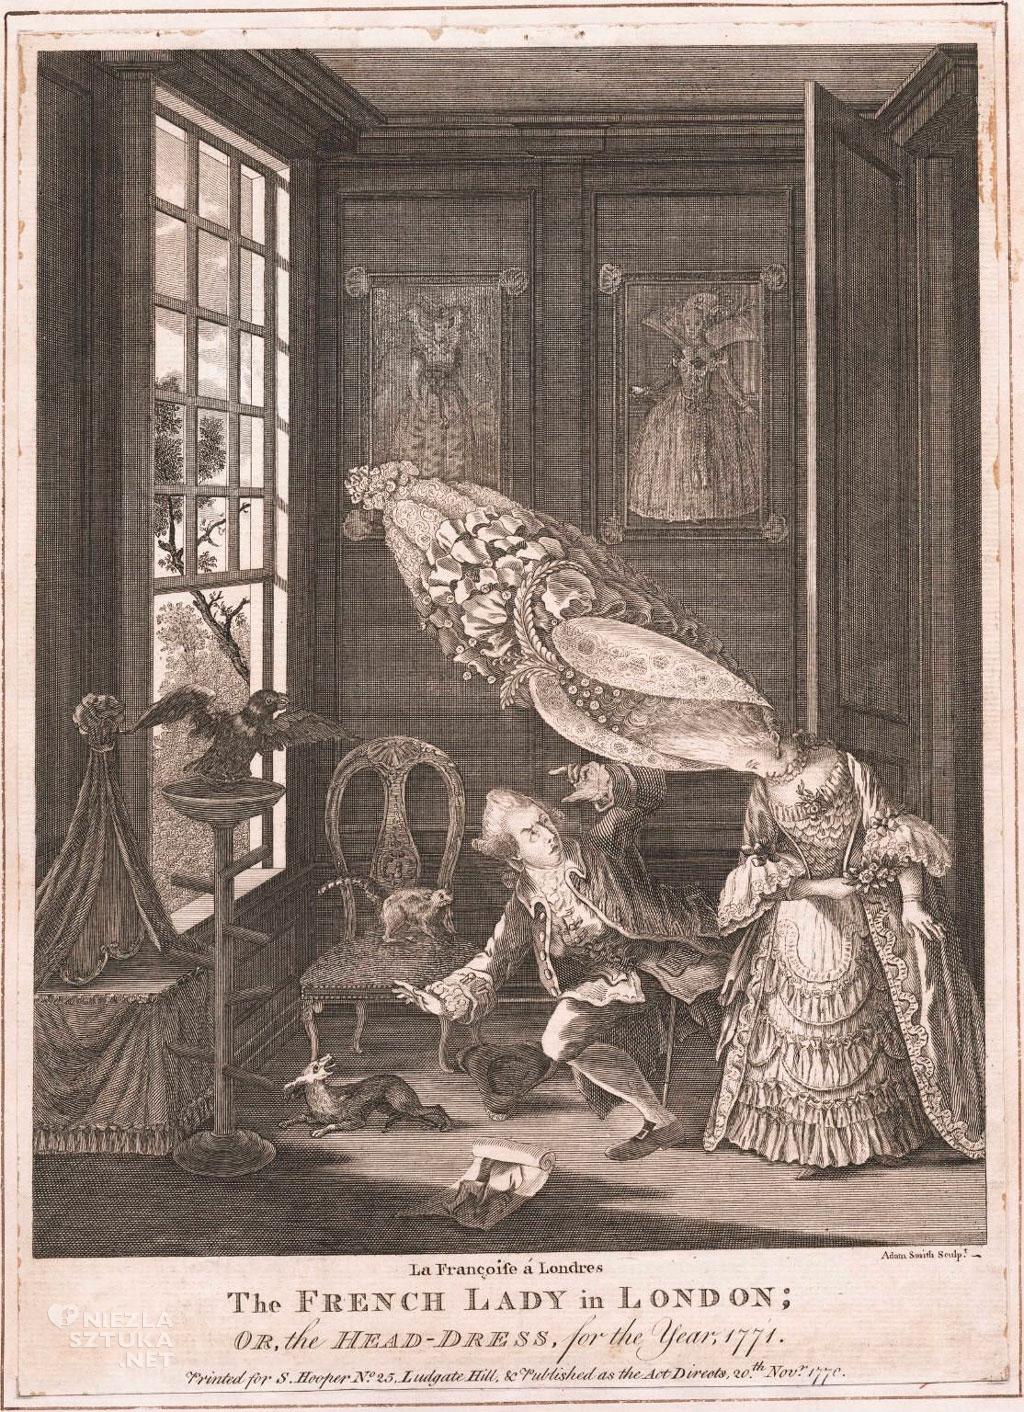 Adam Smith Francuska dama w Londynie